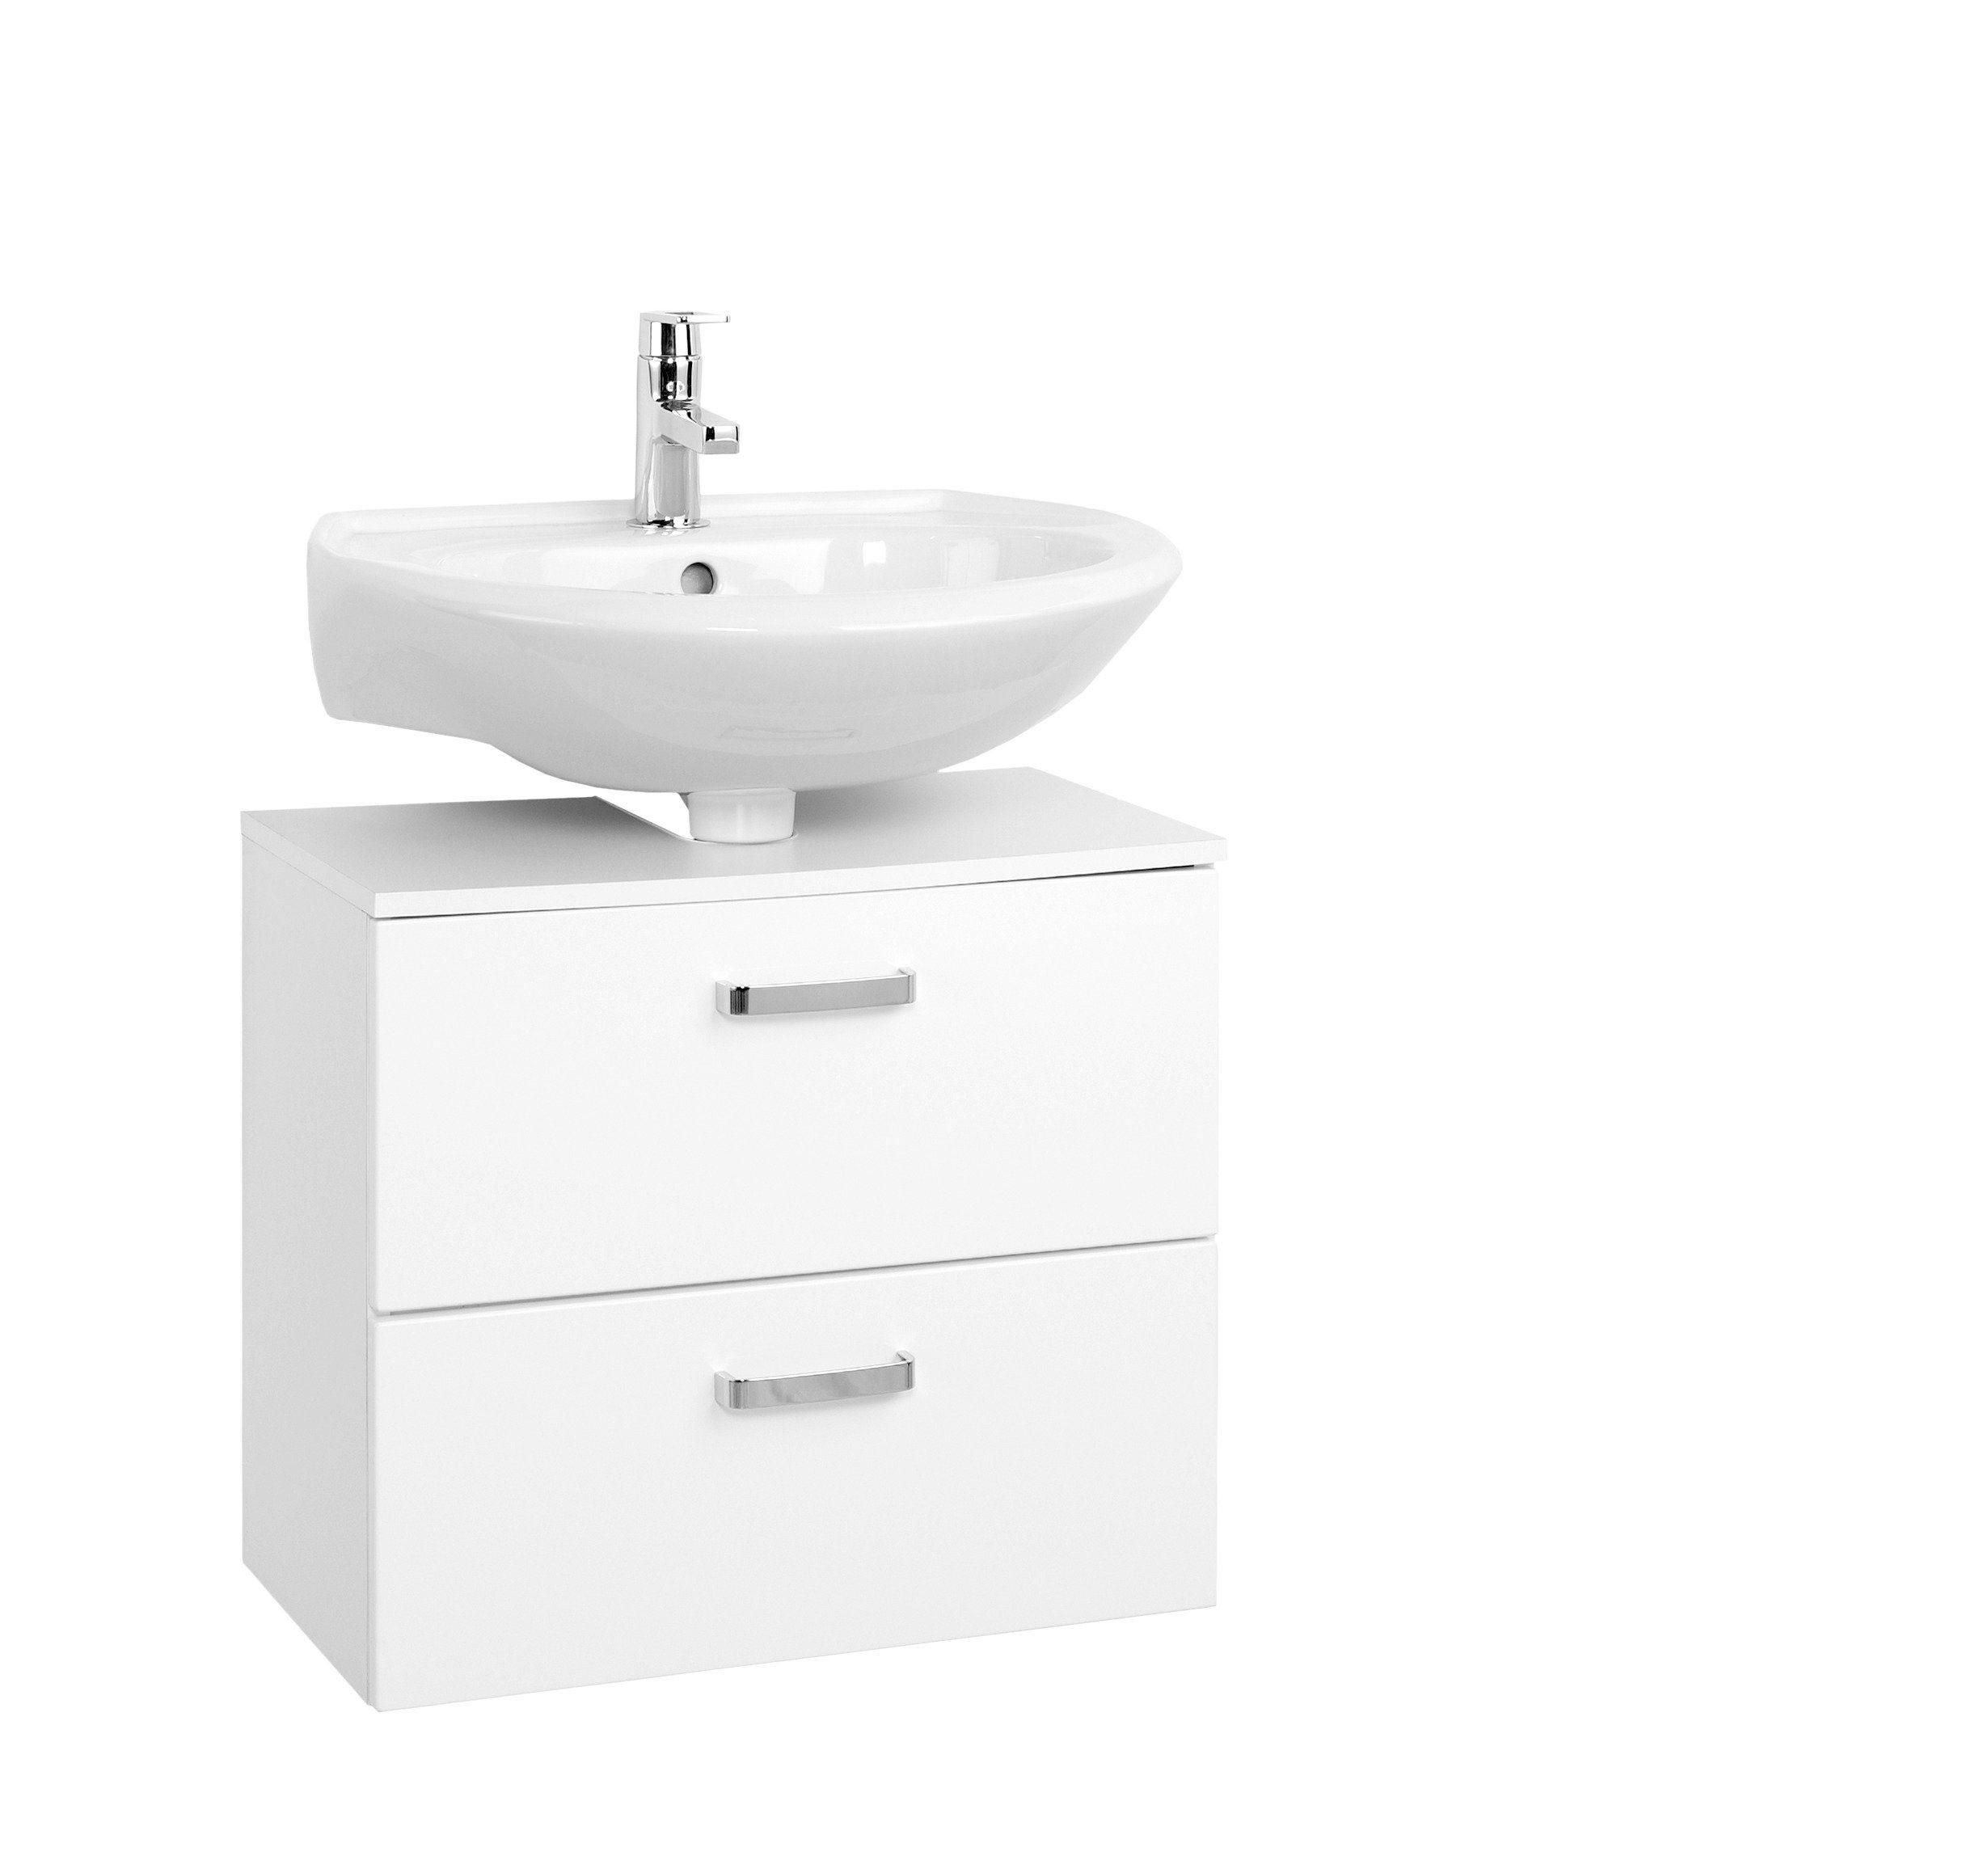 Held Möbel Waschbeckenunterschrank, Breite 60 cm